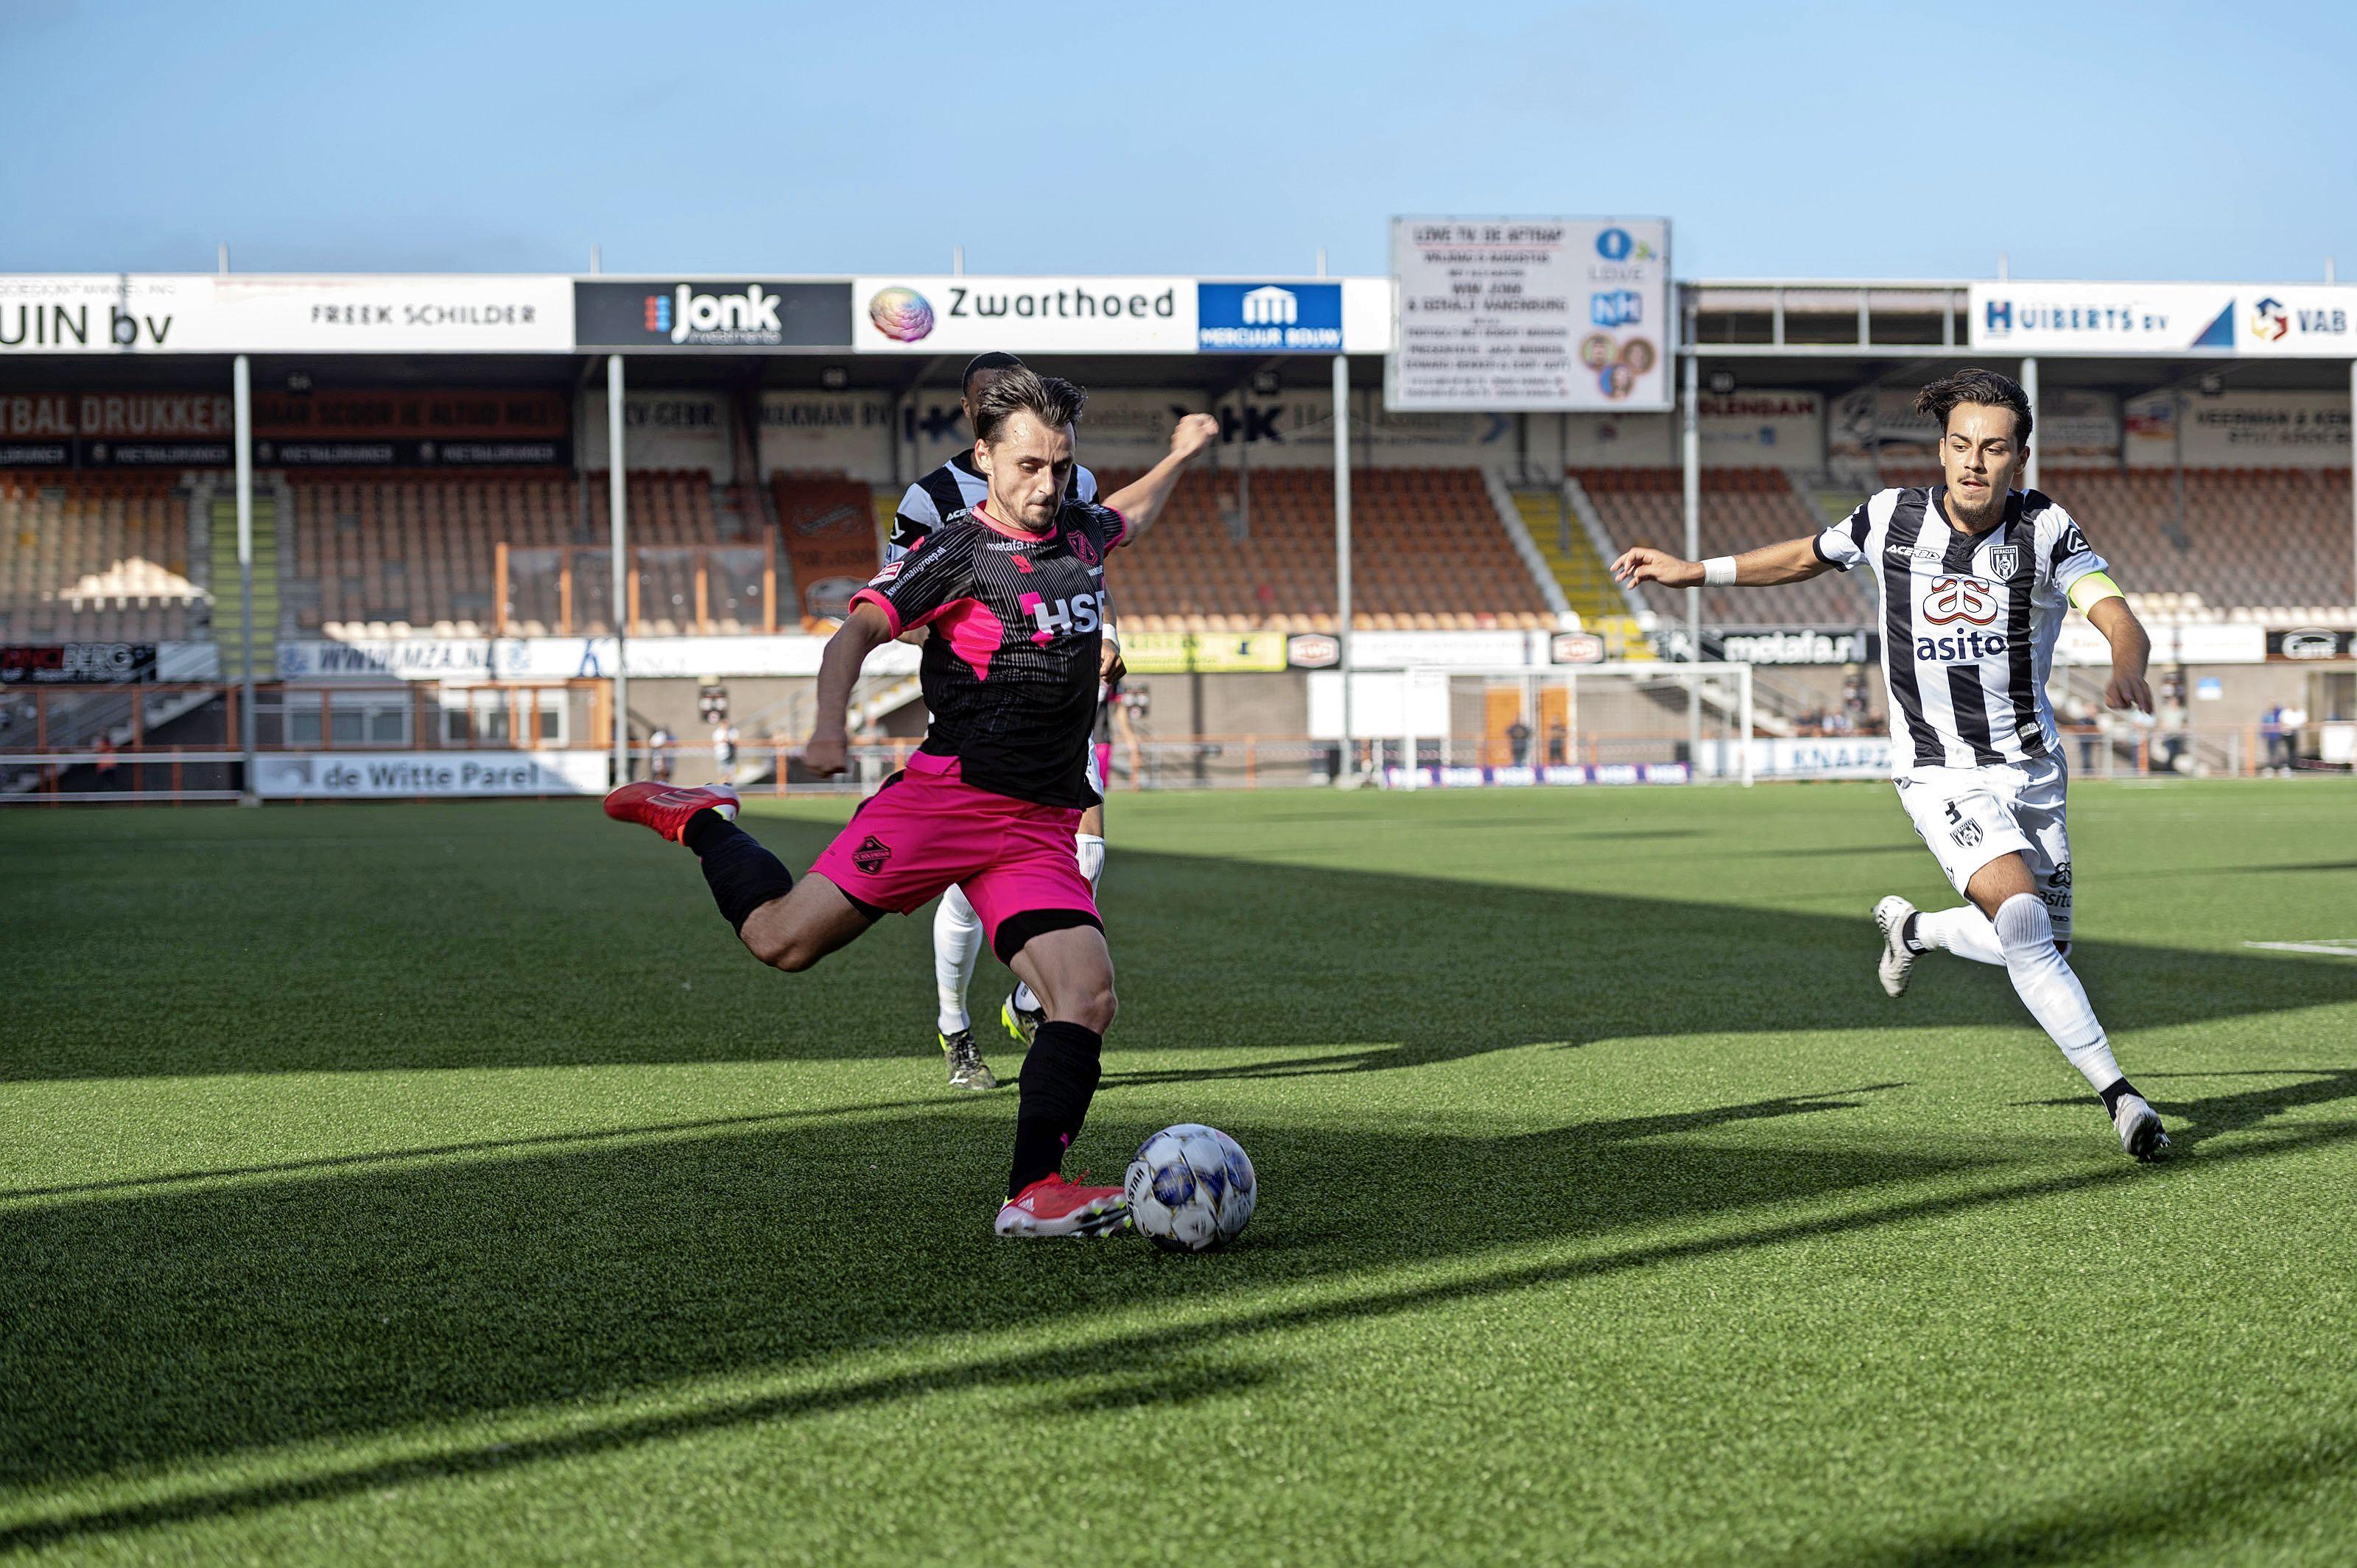 Nieuwe rol bij FC Volendam past aanvaller Daryl van Mieghem goed: 'Alles is op voetbal gericht. Voor mij is dat heel verfrissend'